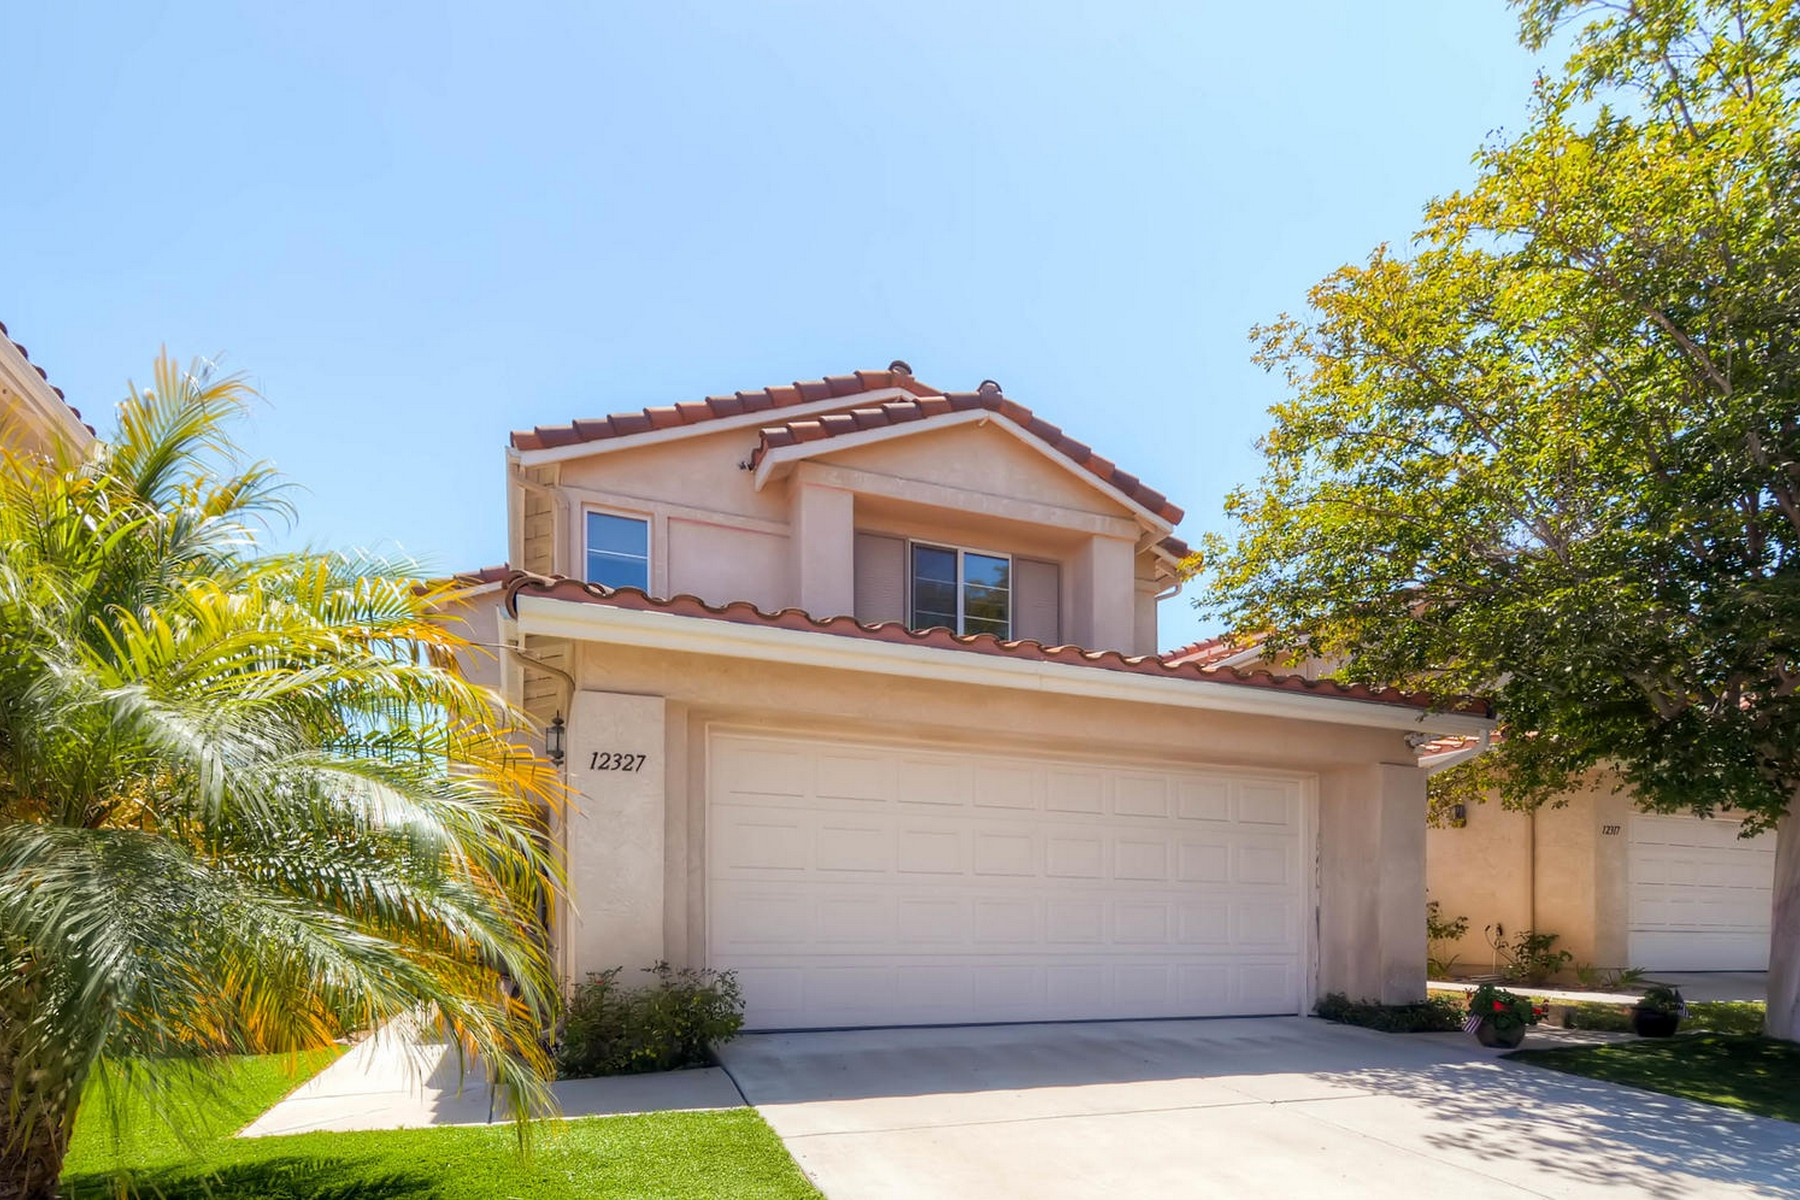 Maison unifamiliale pour l Vente à 12327 Caminito Peral San Diego, Californie, 92131 États-Unis